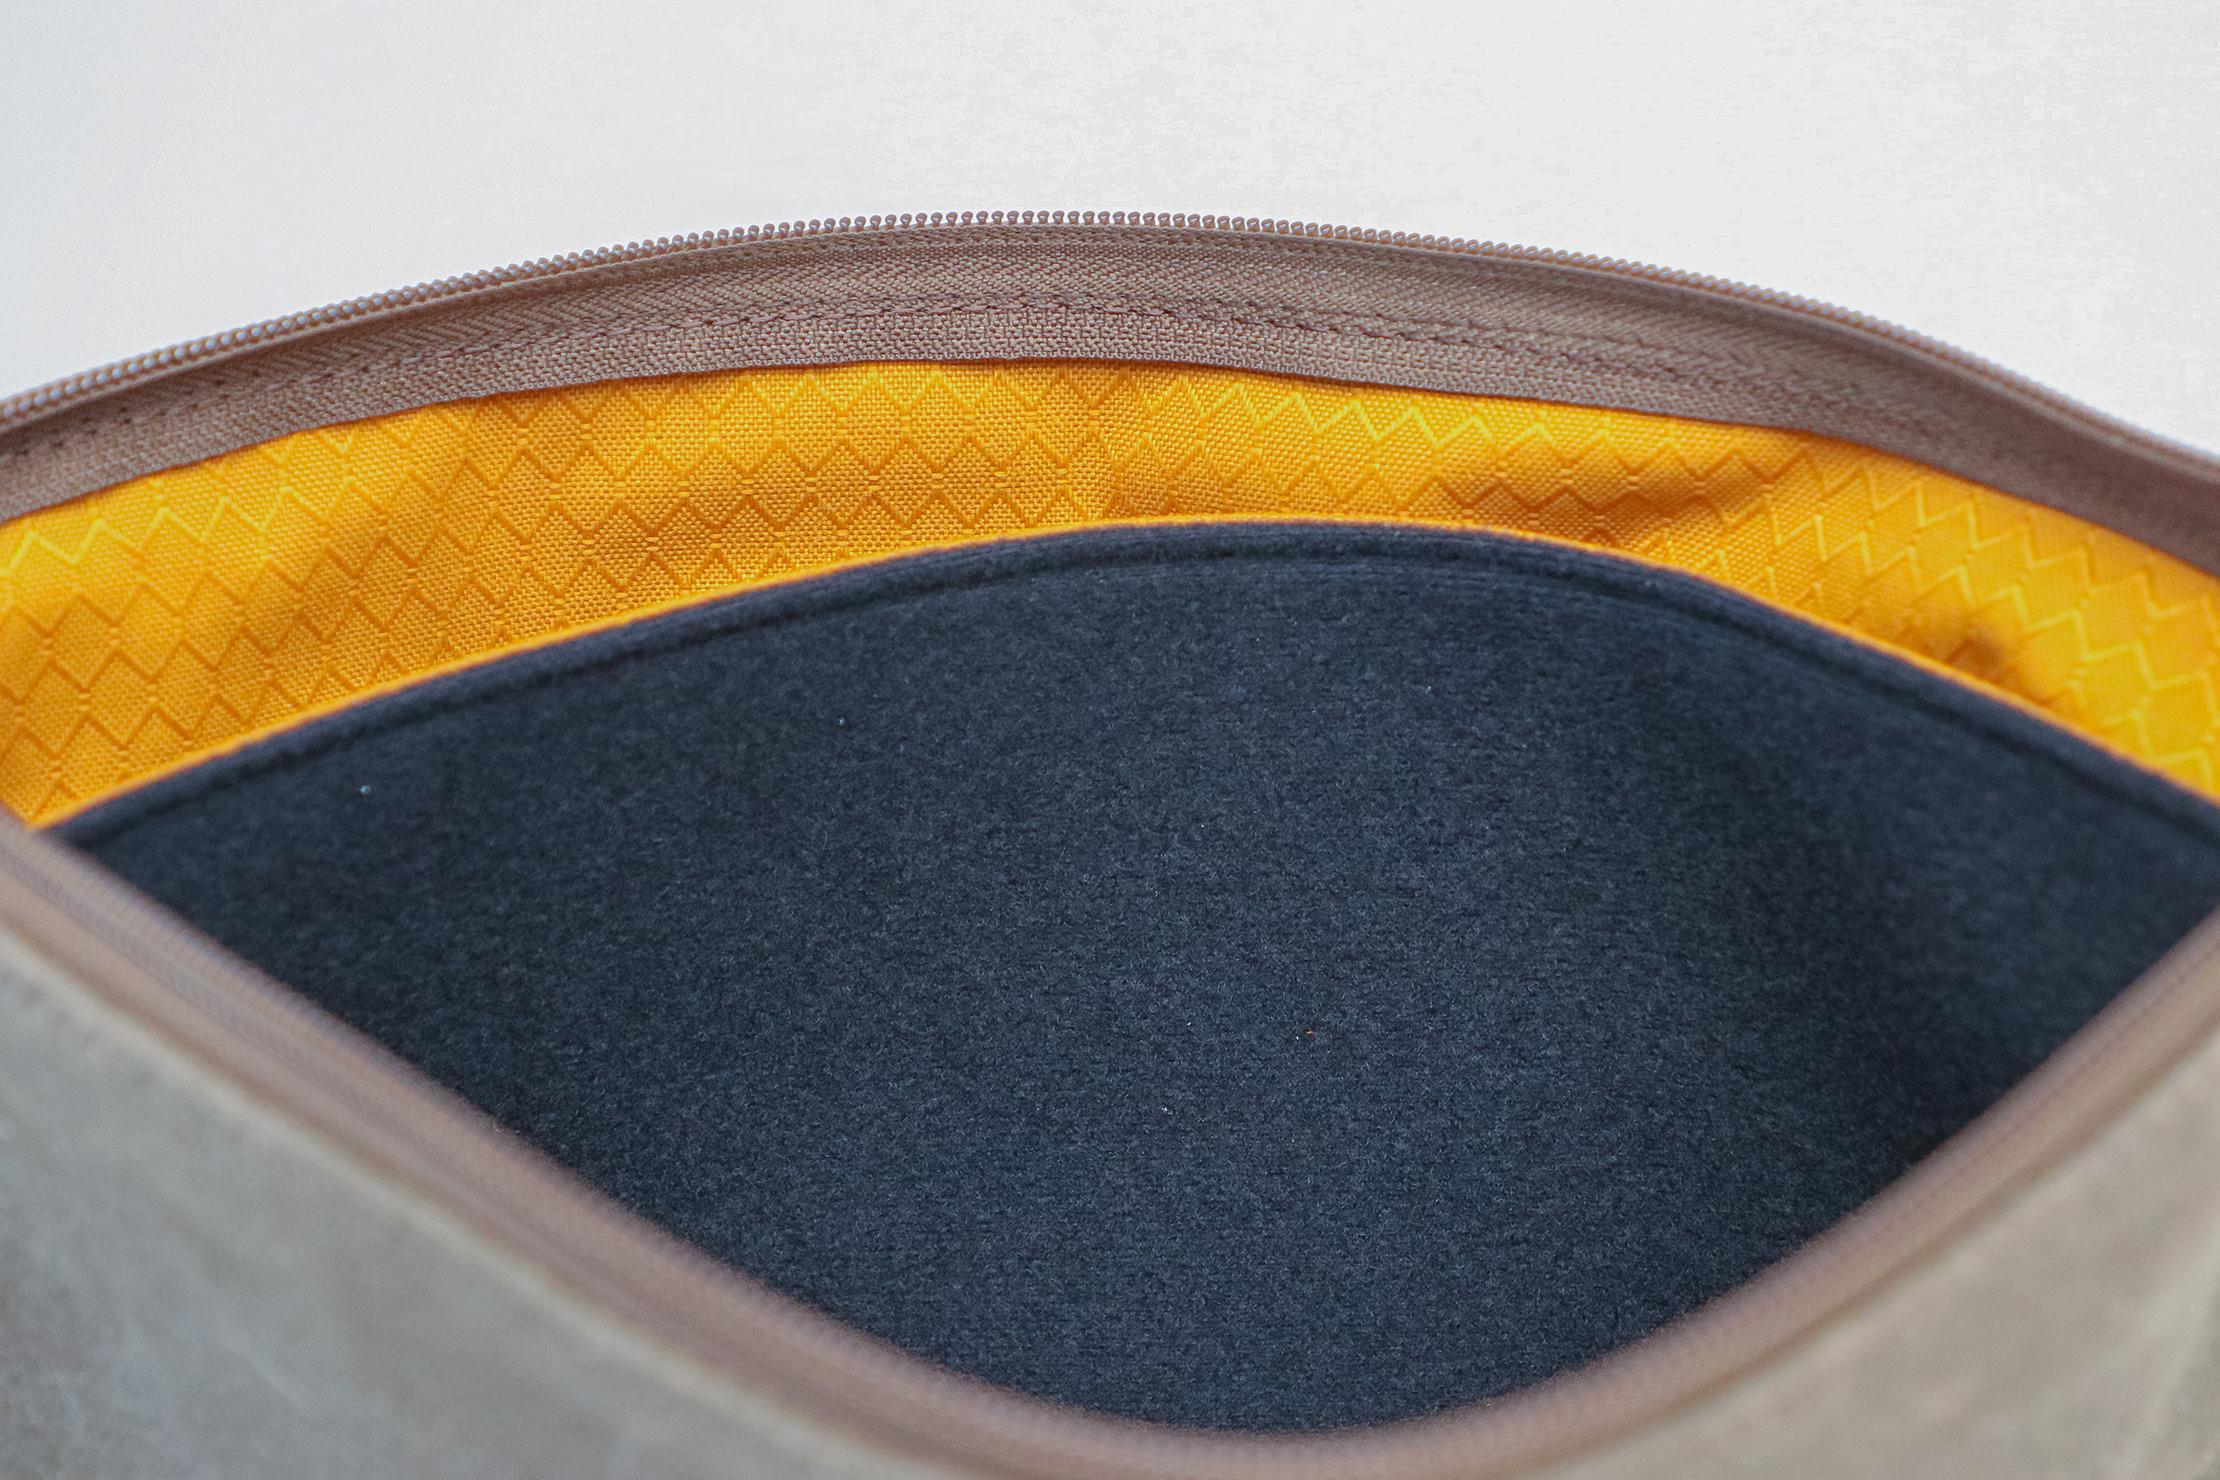 WaterField Designs Air Caddy Sleeve Fleece Liner